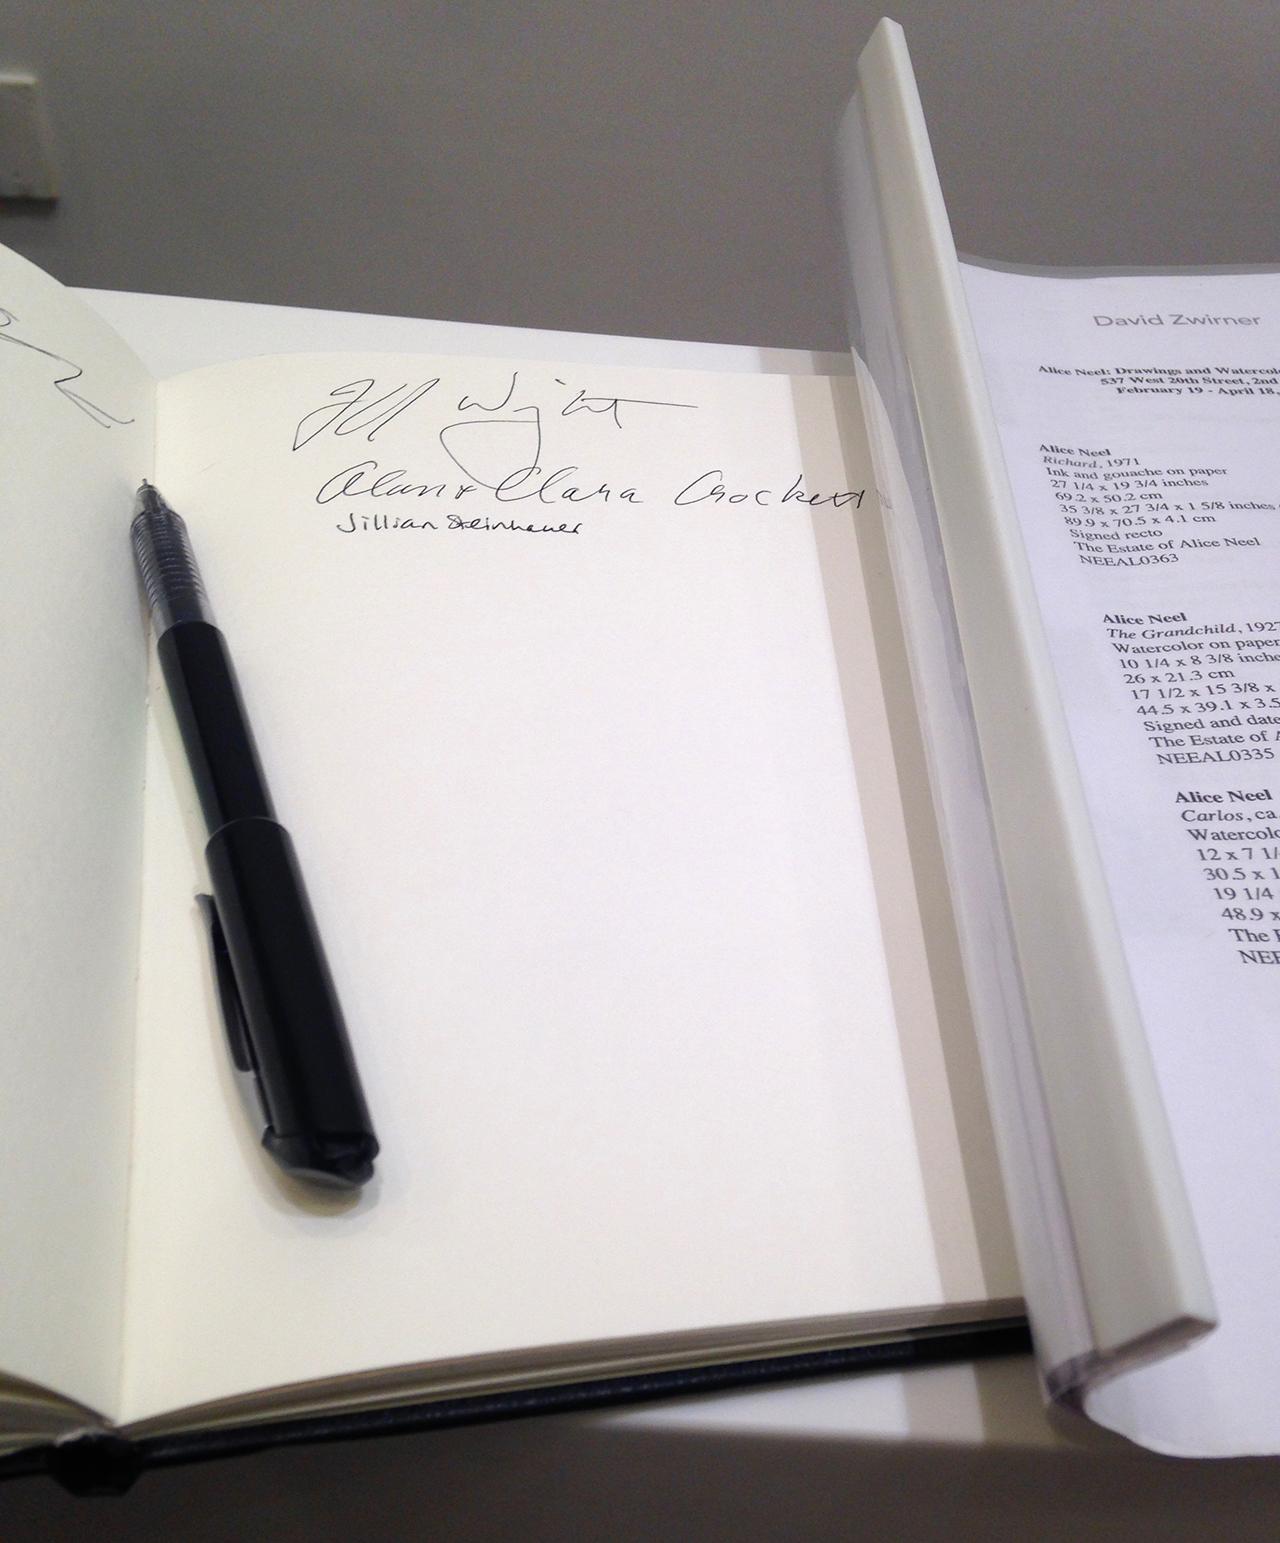 Pen at David Zwirner